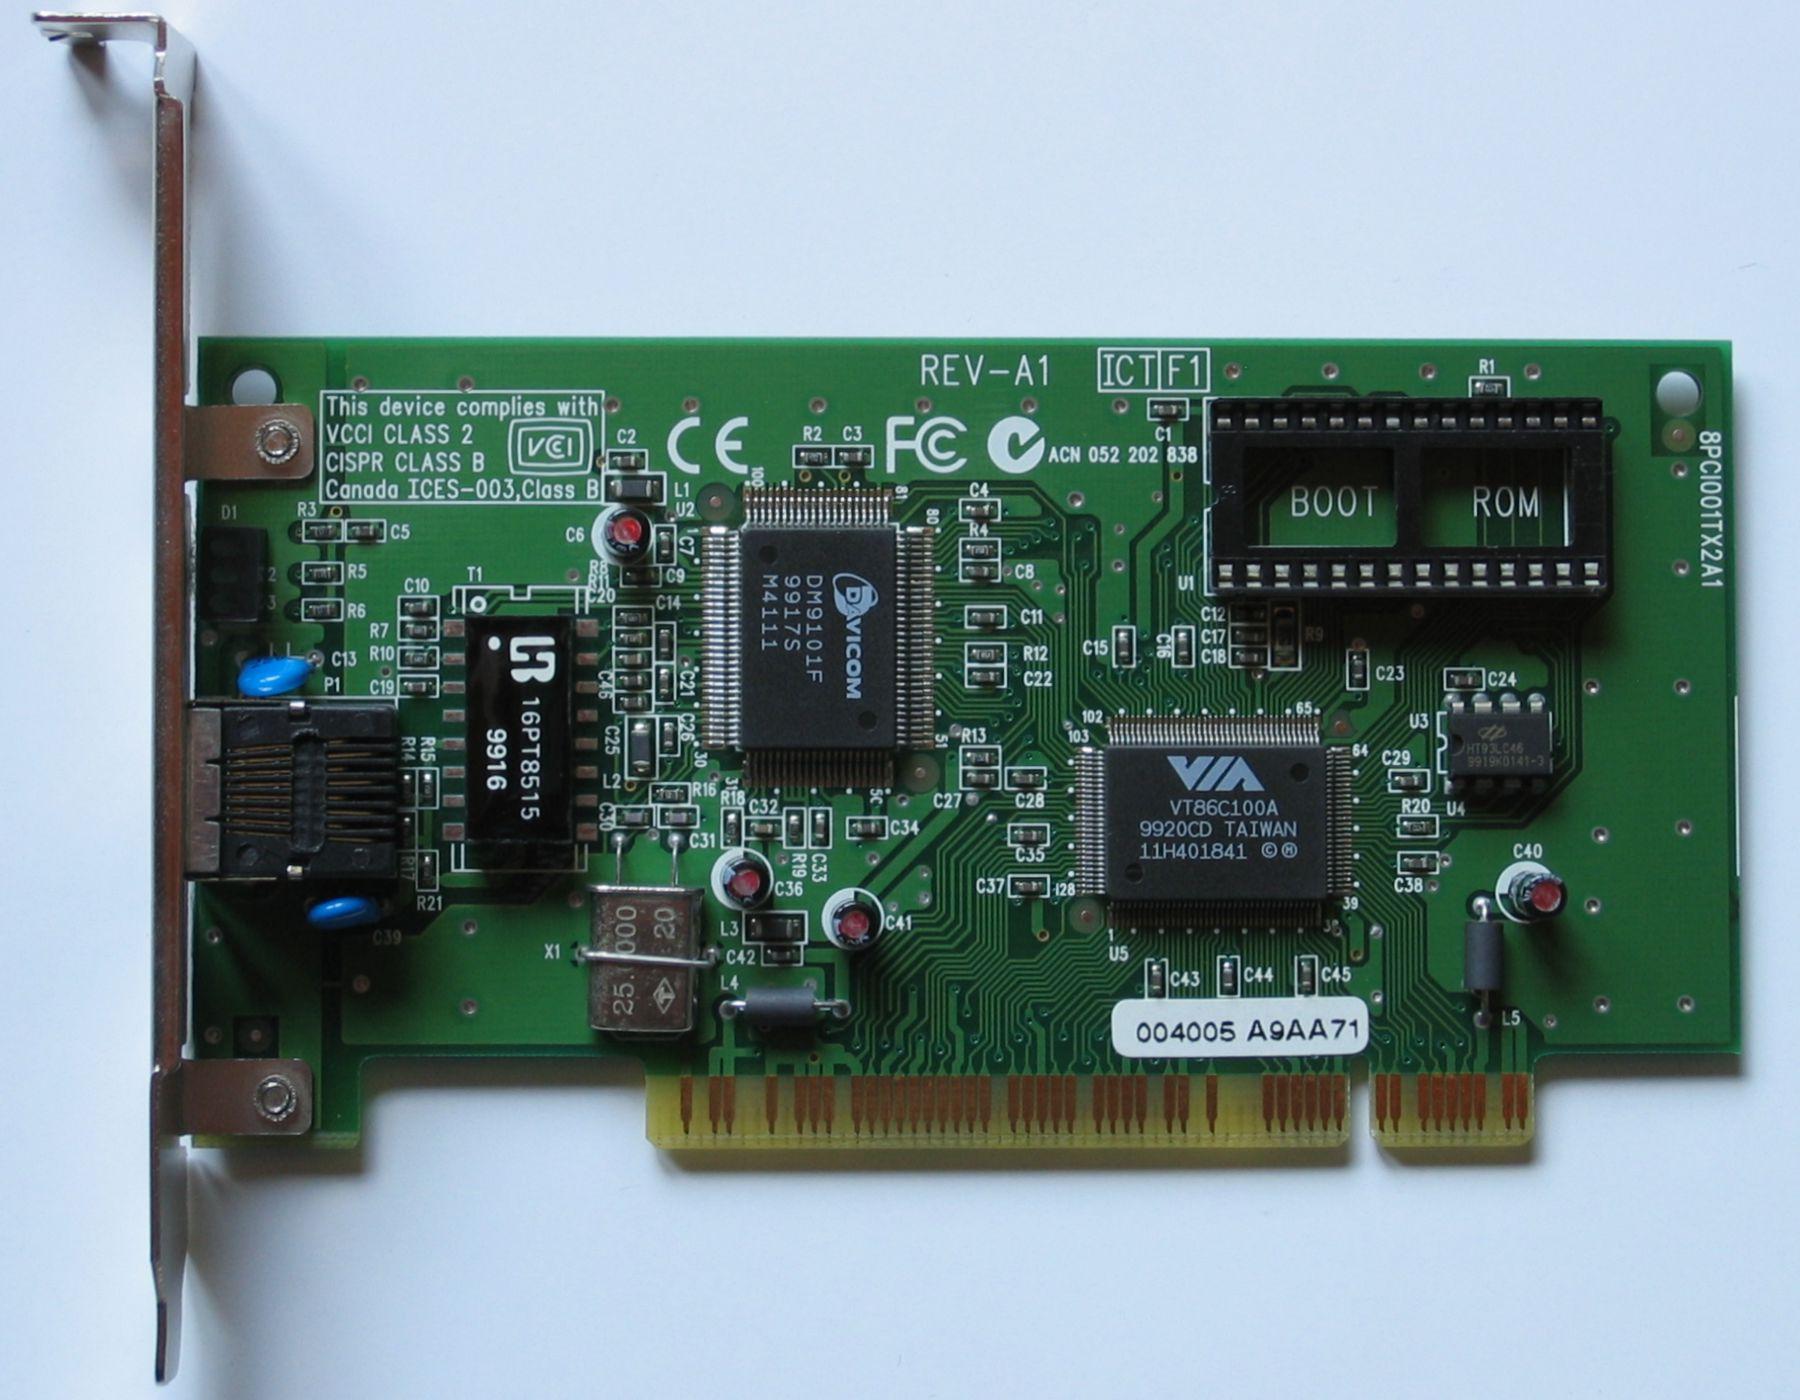 VT86C100A TÉLÉCHARGER VIA